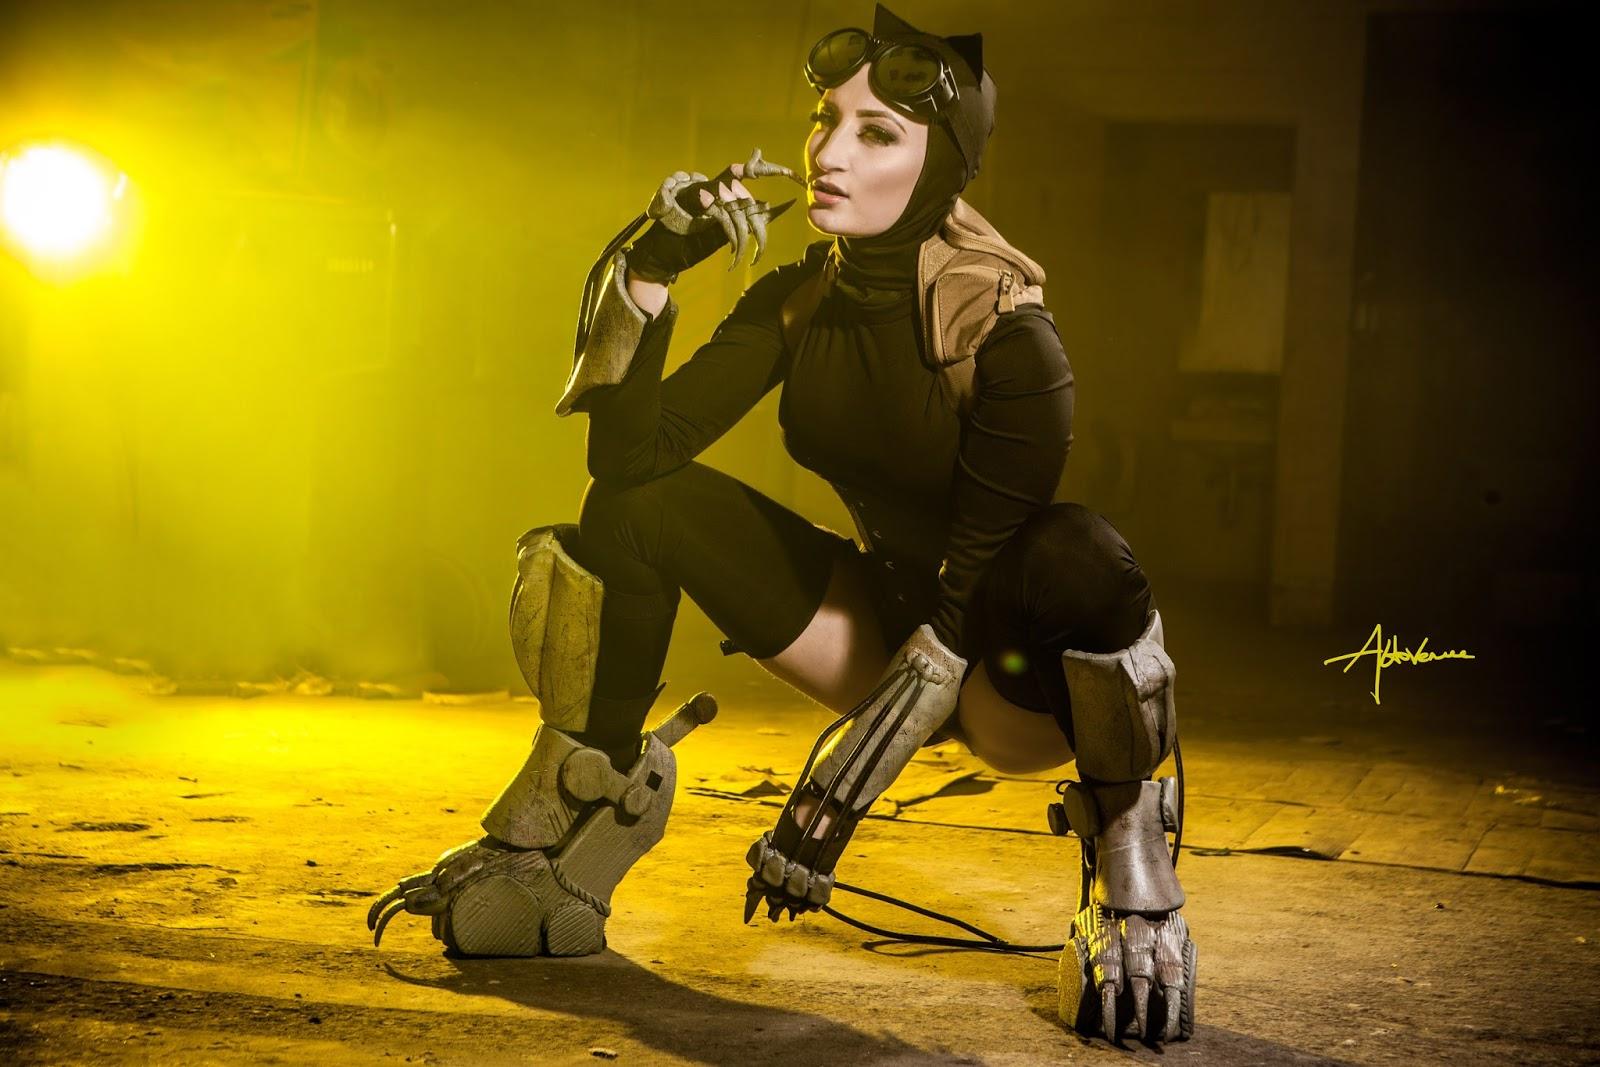 Holly Wolf Pakai Baju Catwomen Seksi pose ngangkan siap di entot